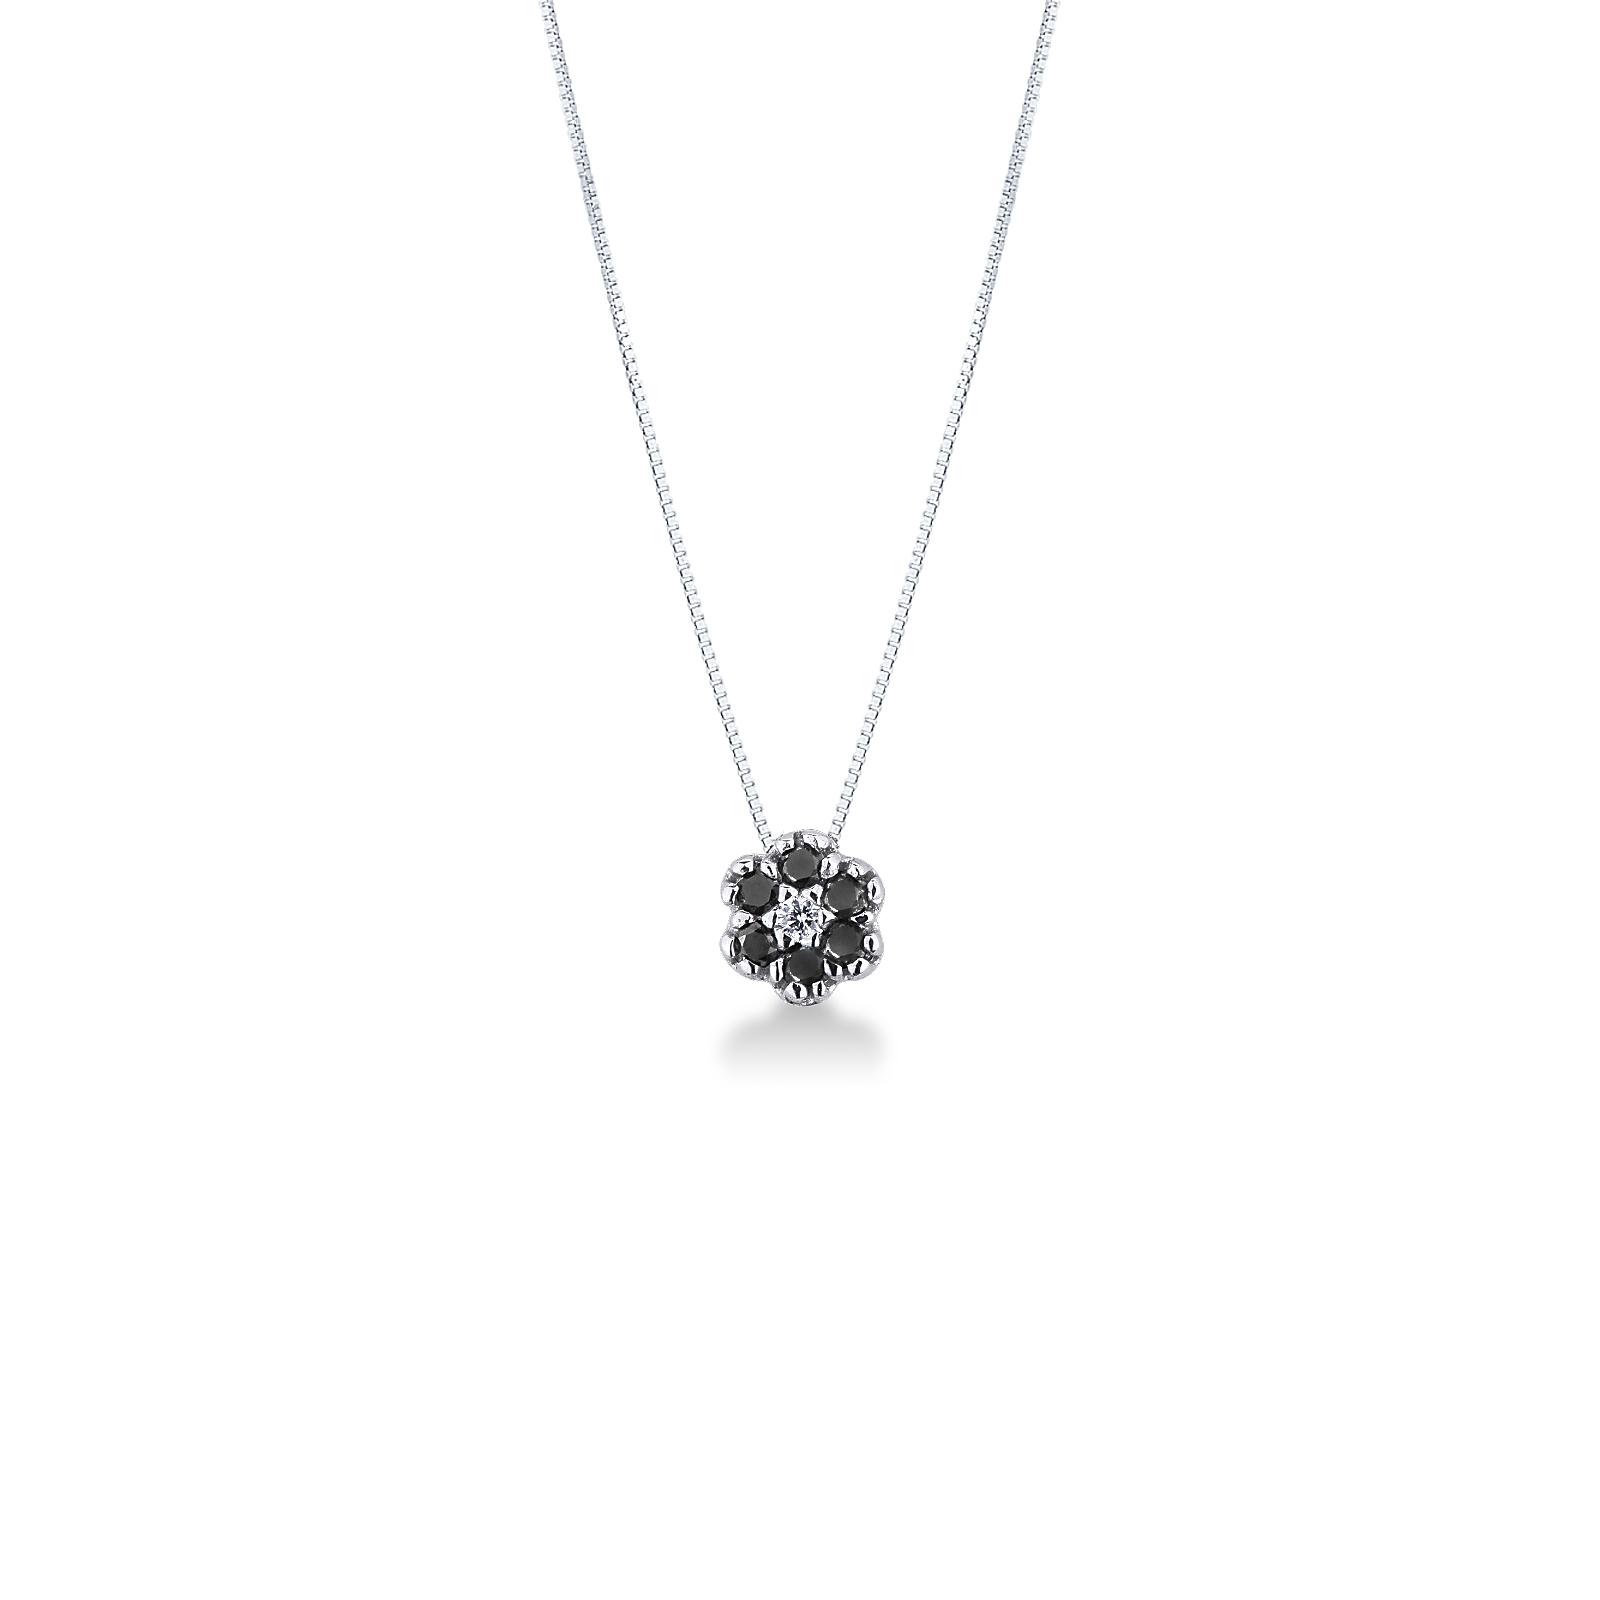 Collana in oro Bianco 18k con fiore in diamanti neri e bianchi